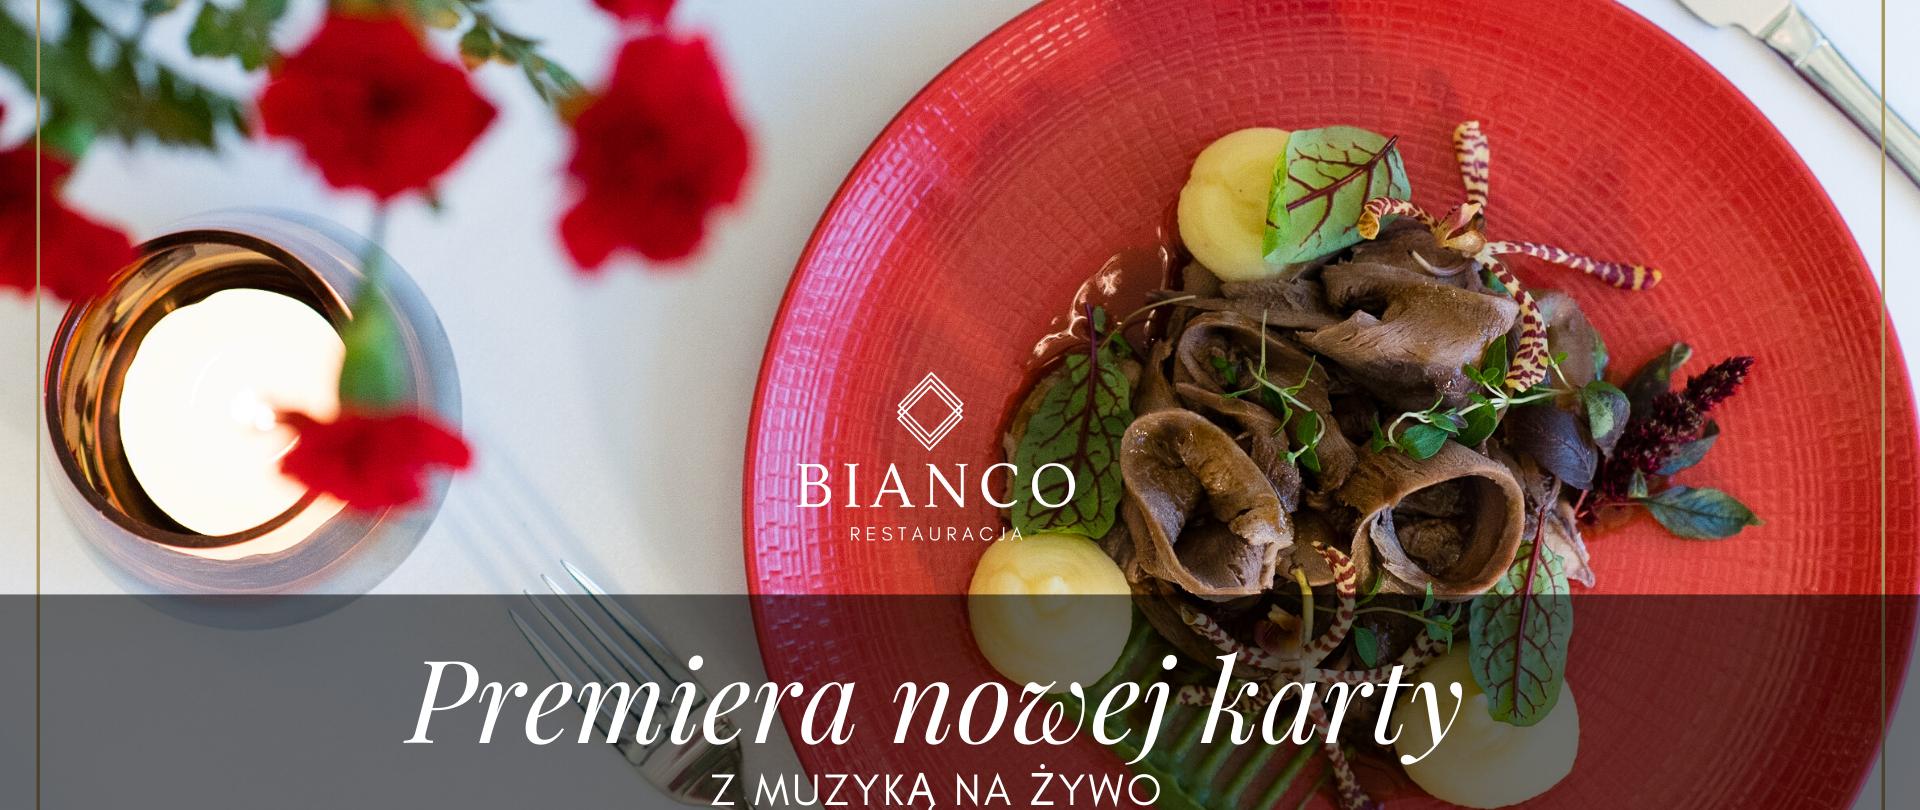 Premiera nowej karty menu z muzyką na żywo w restauracji BIANCO